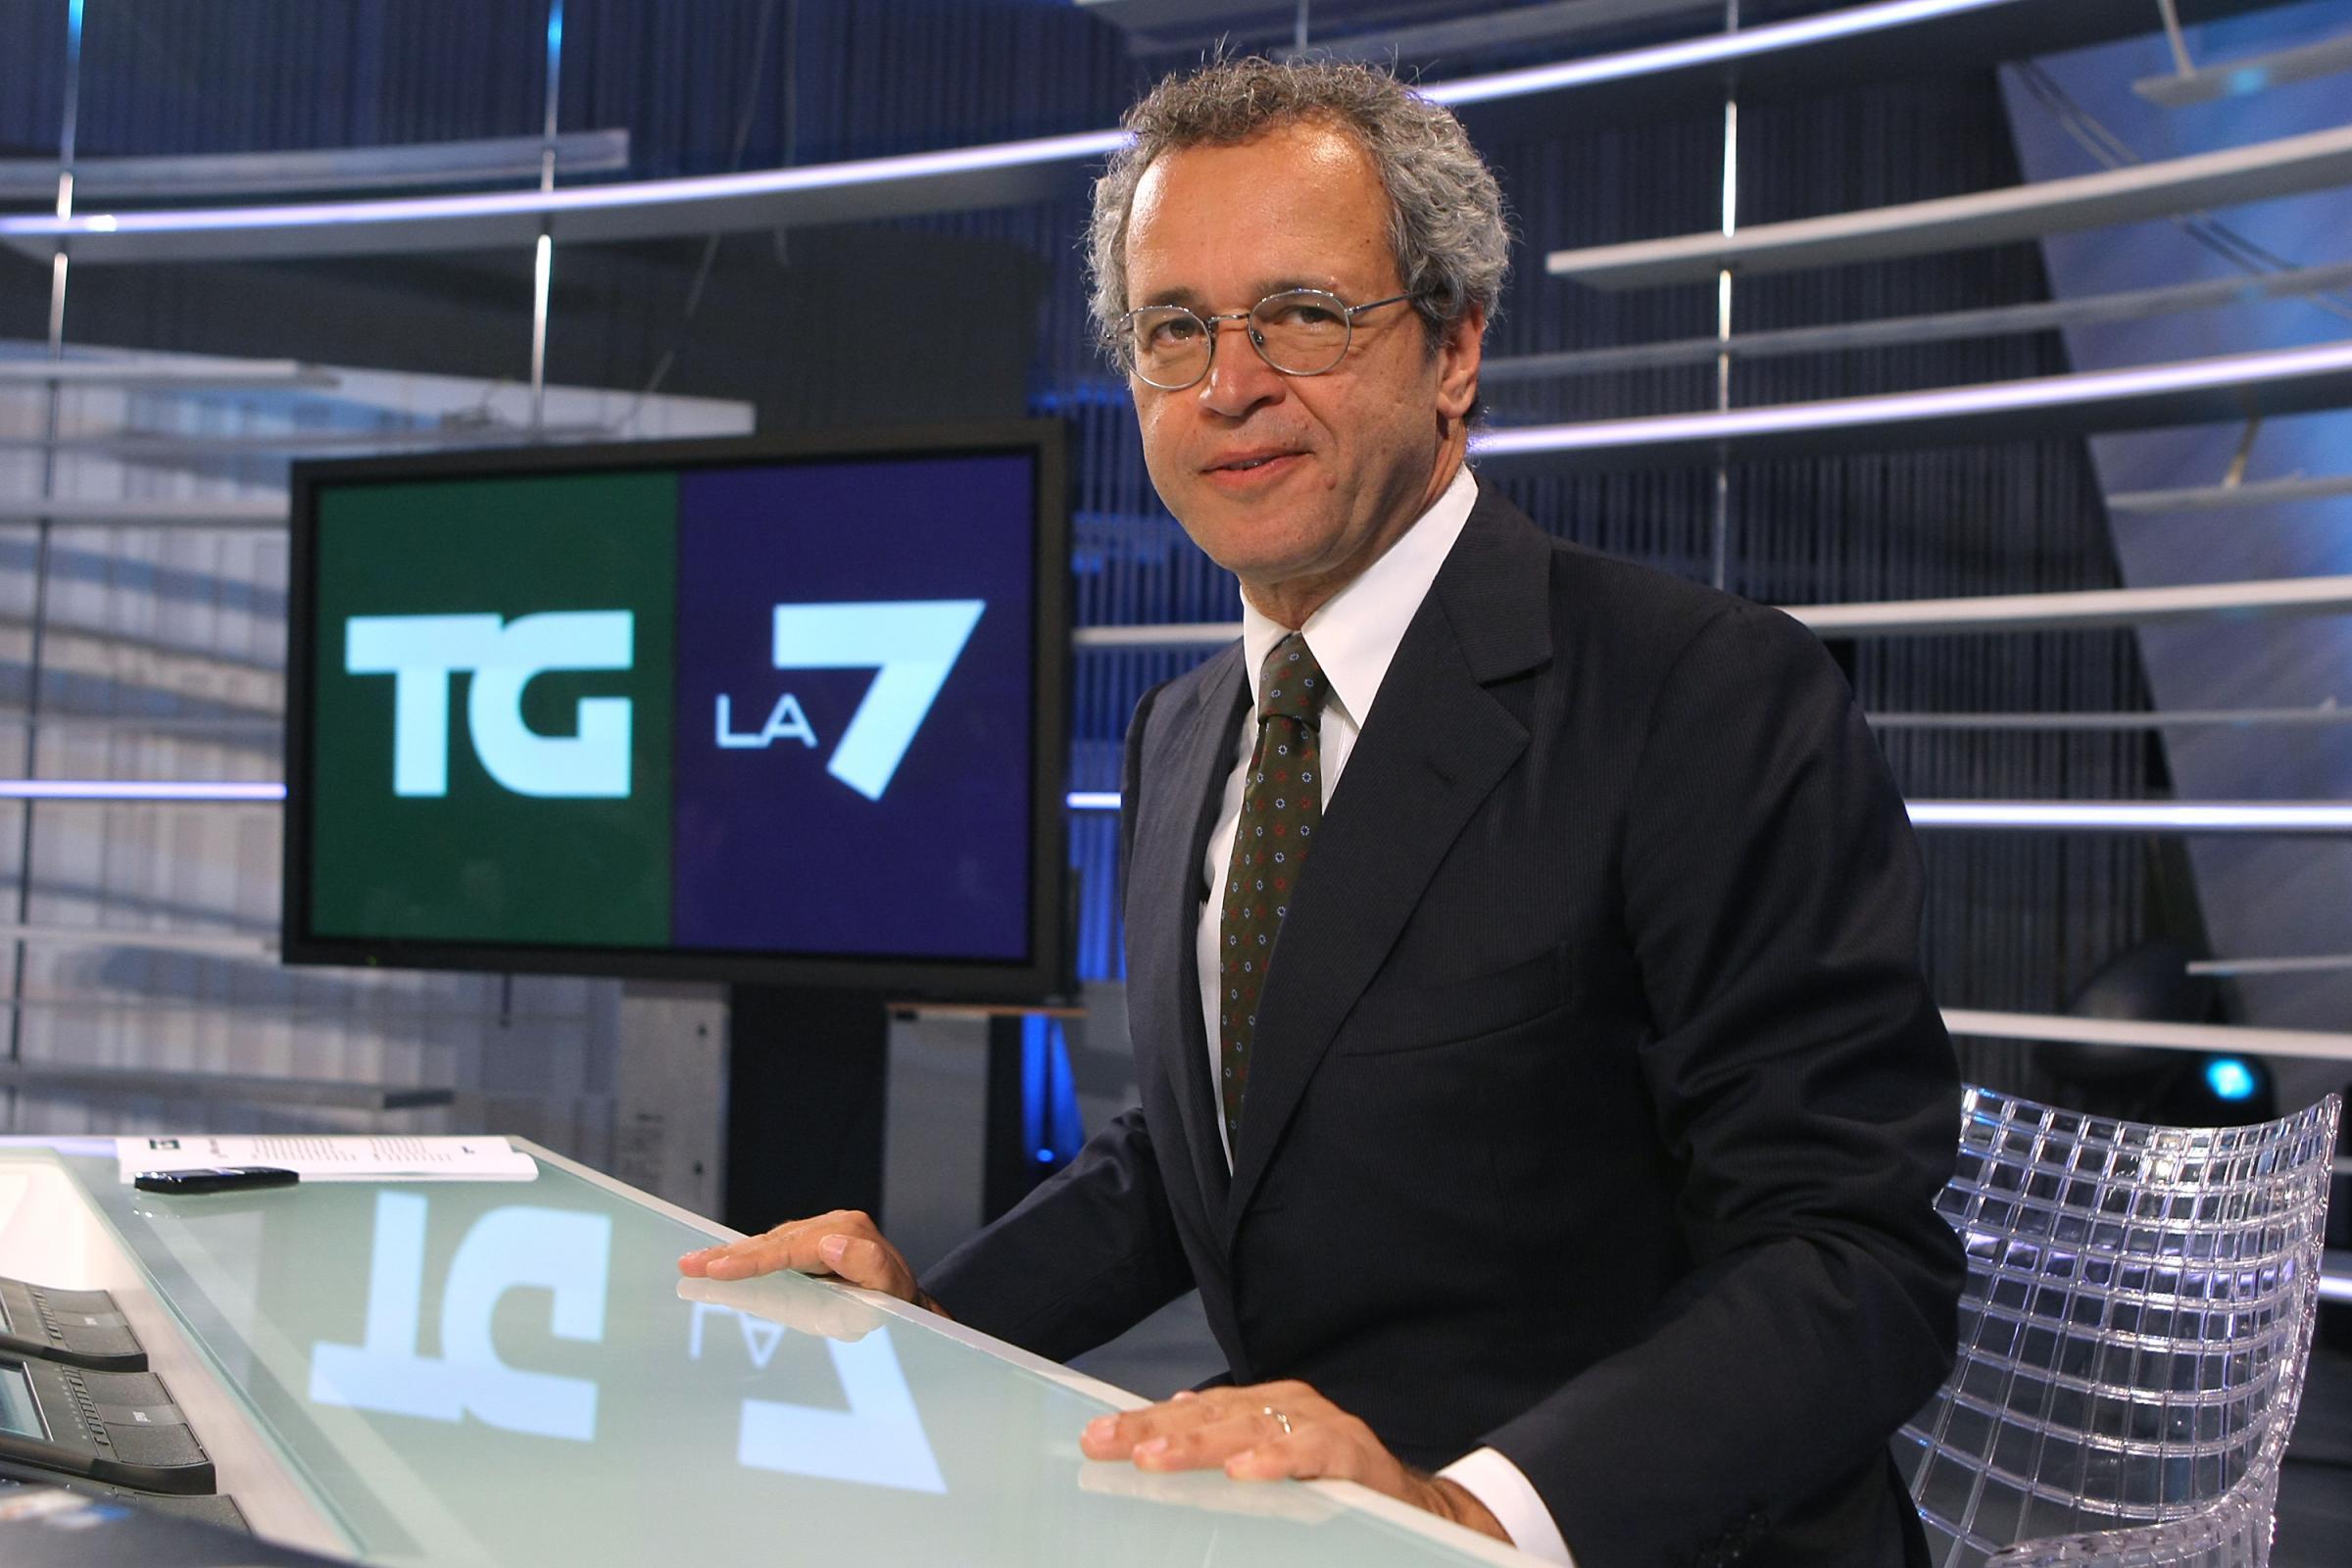 Sformat di Mariano Sabatini – Al TgLa7 il mancato incontro di Berlusconi e Monti diventa Mezzogiorno di fuoco